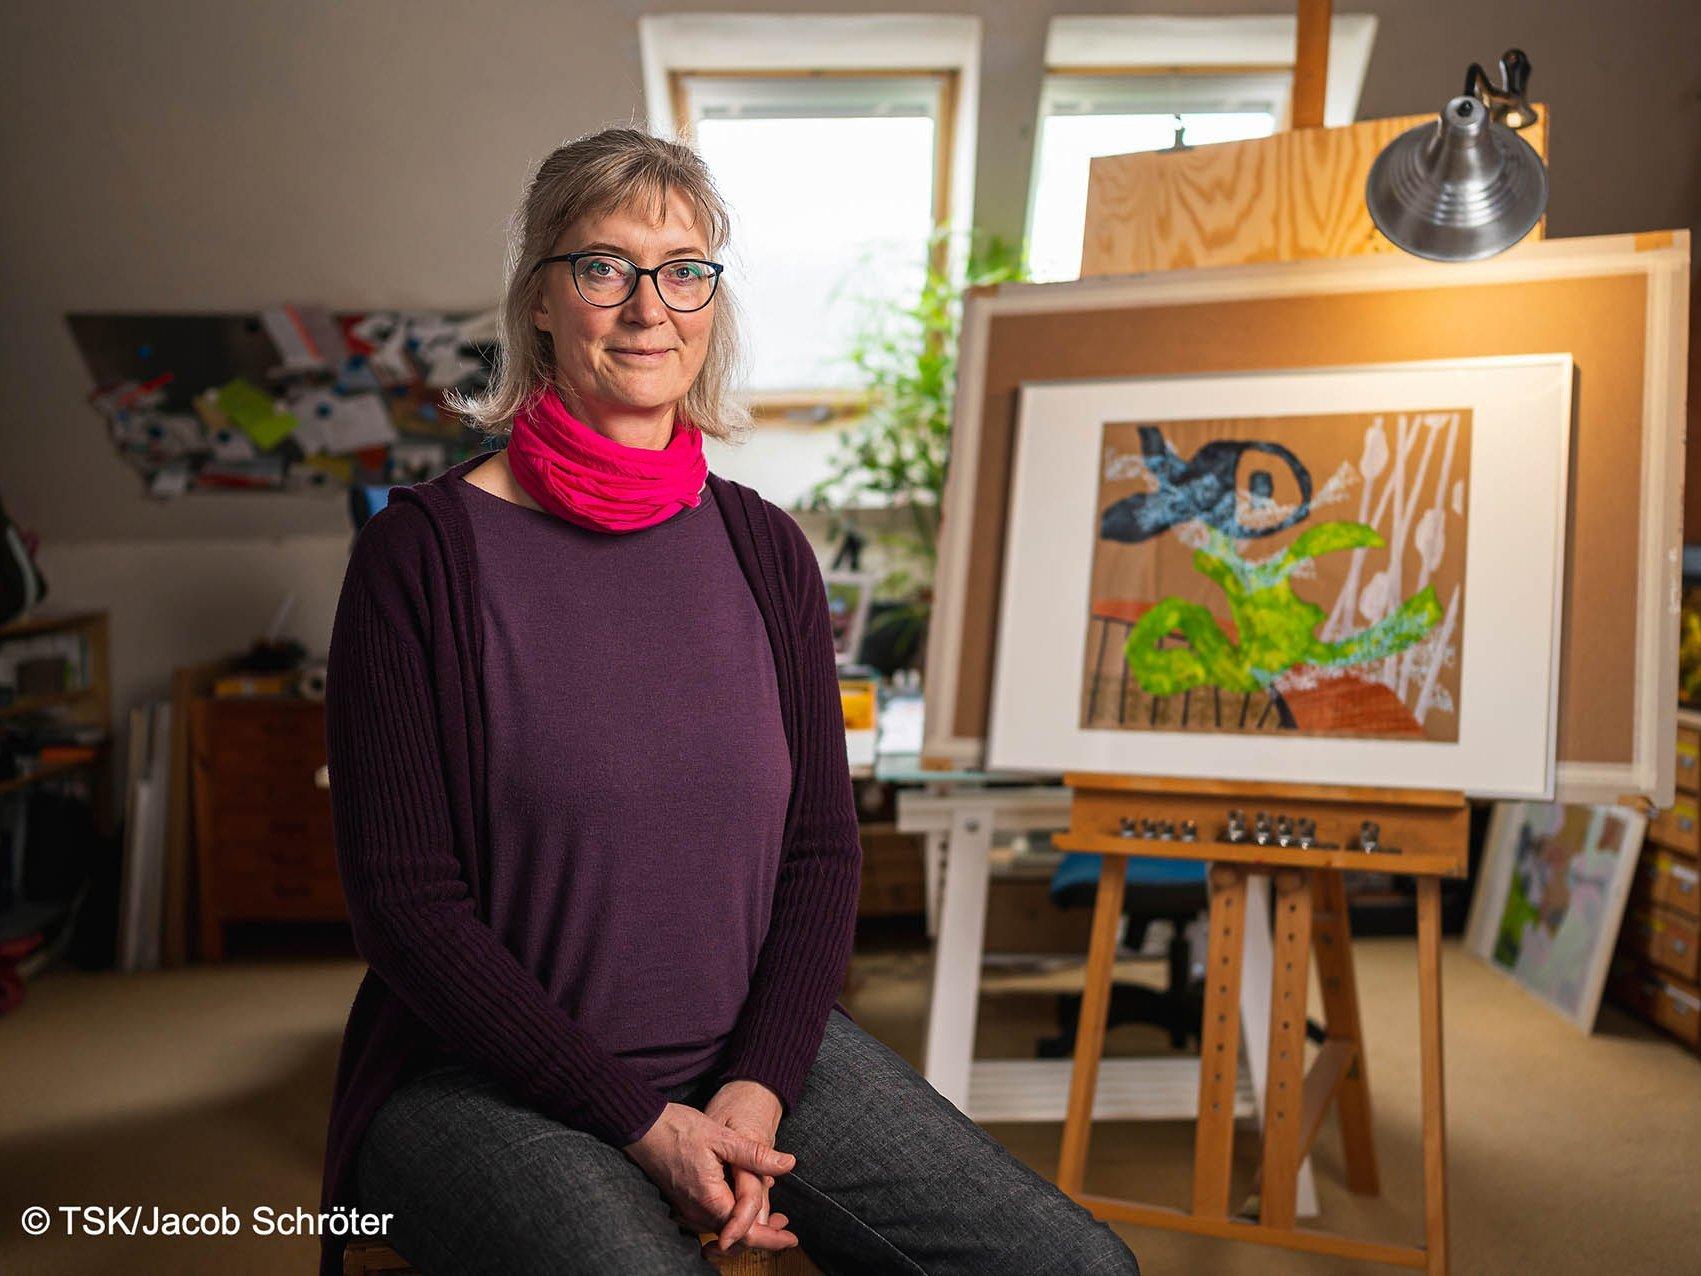 """Die Künstlerin Sibylle Reichel neben ihrem Werk """"Bezeugung einer fröhlichen Transformation"""""""